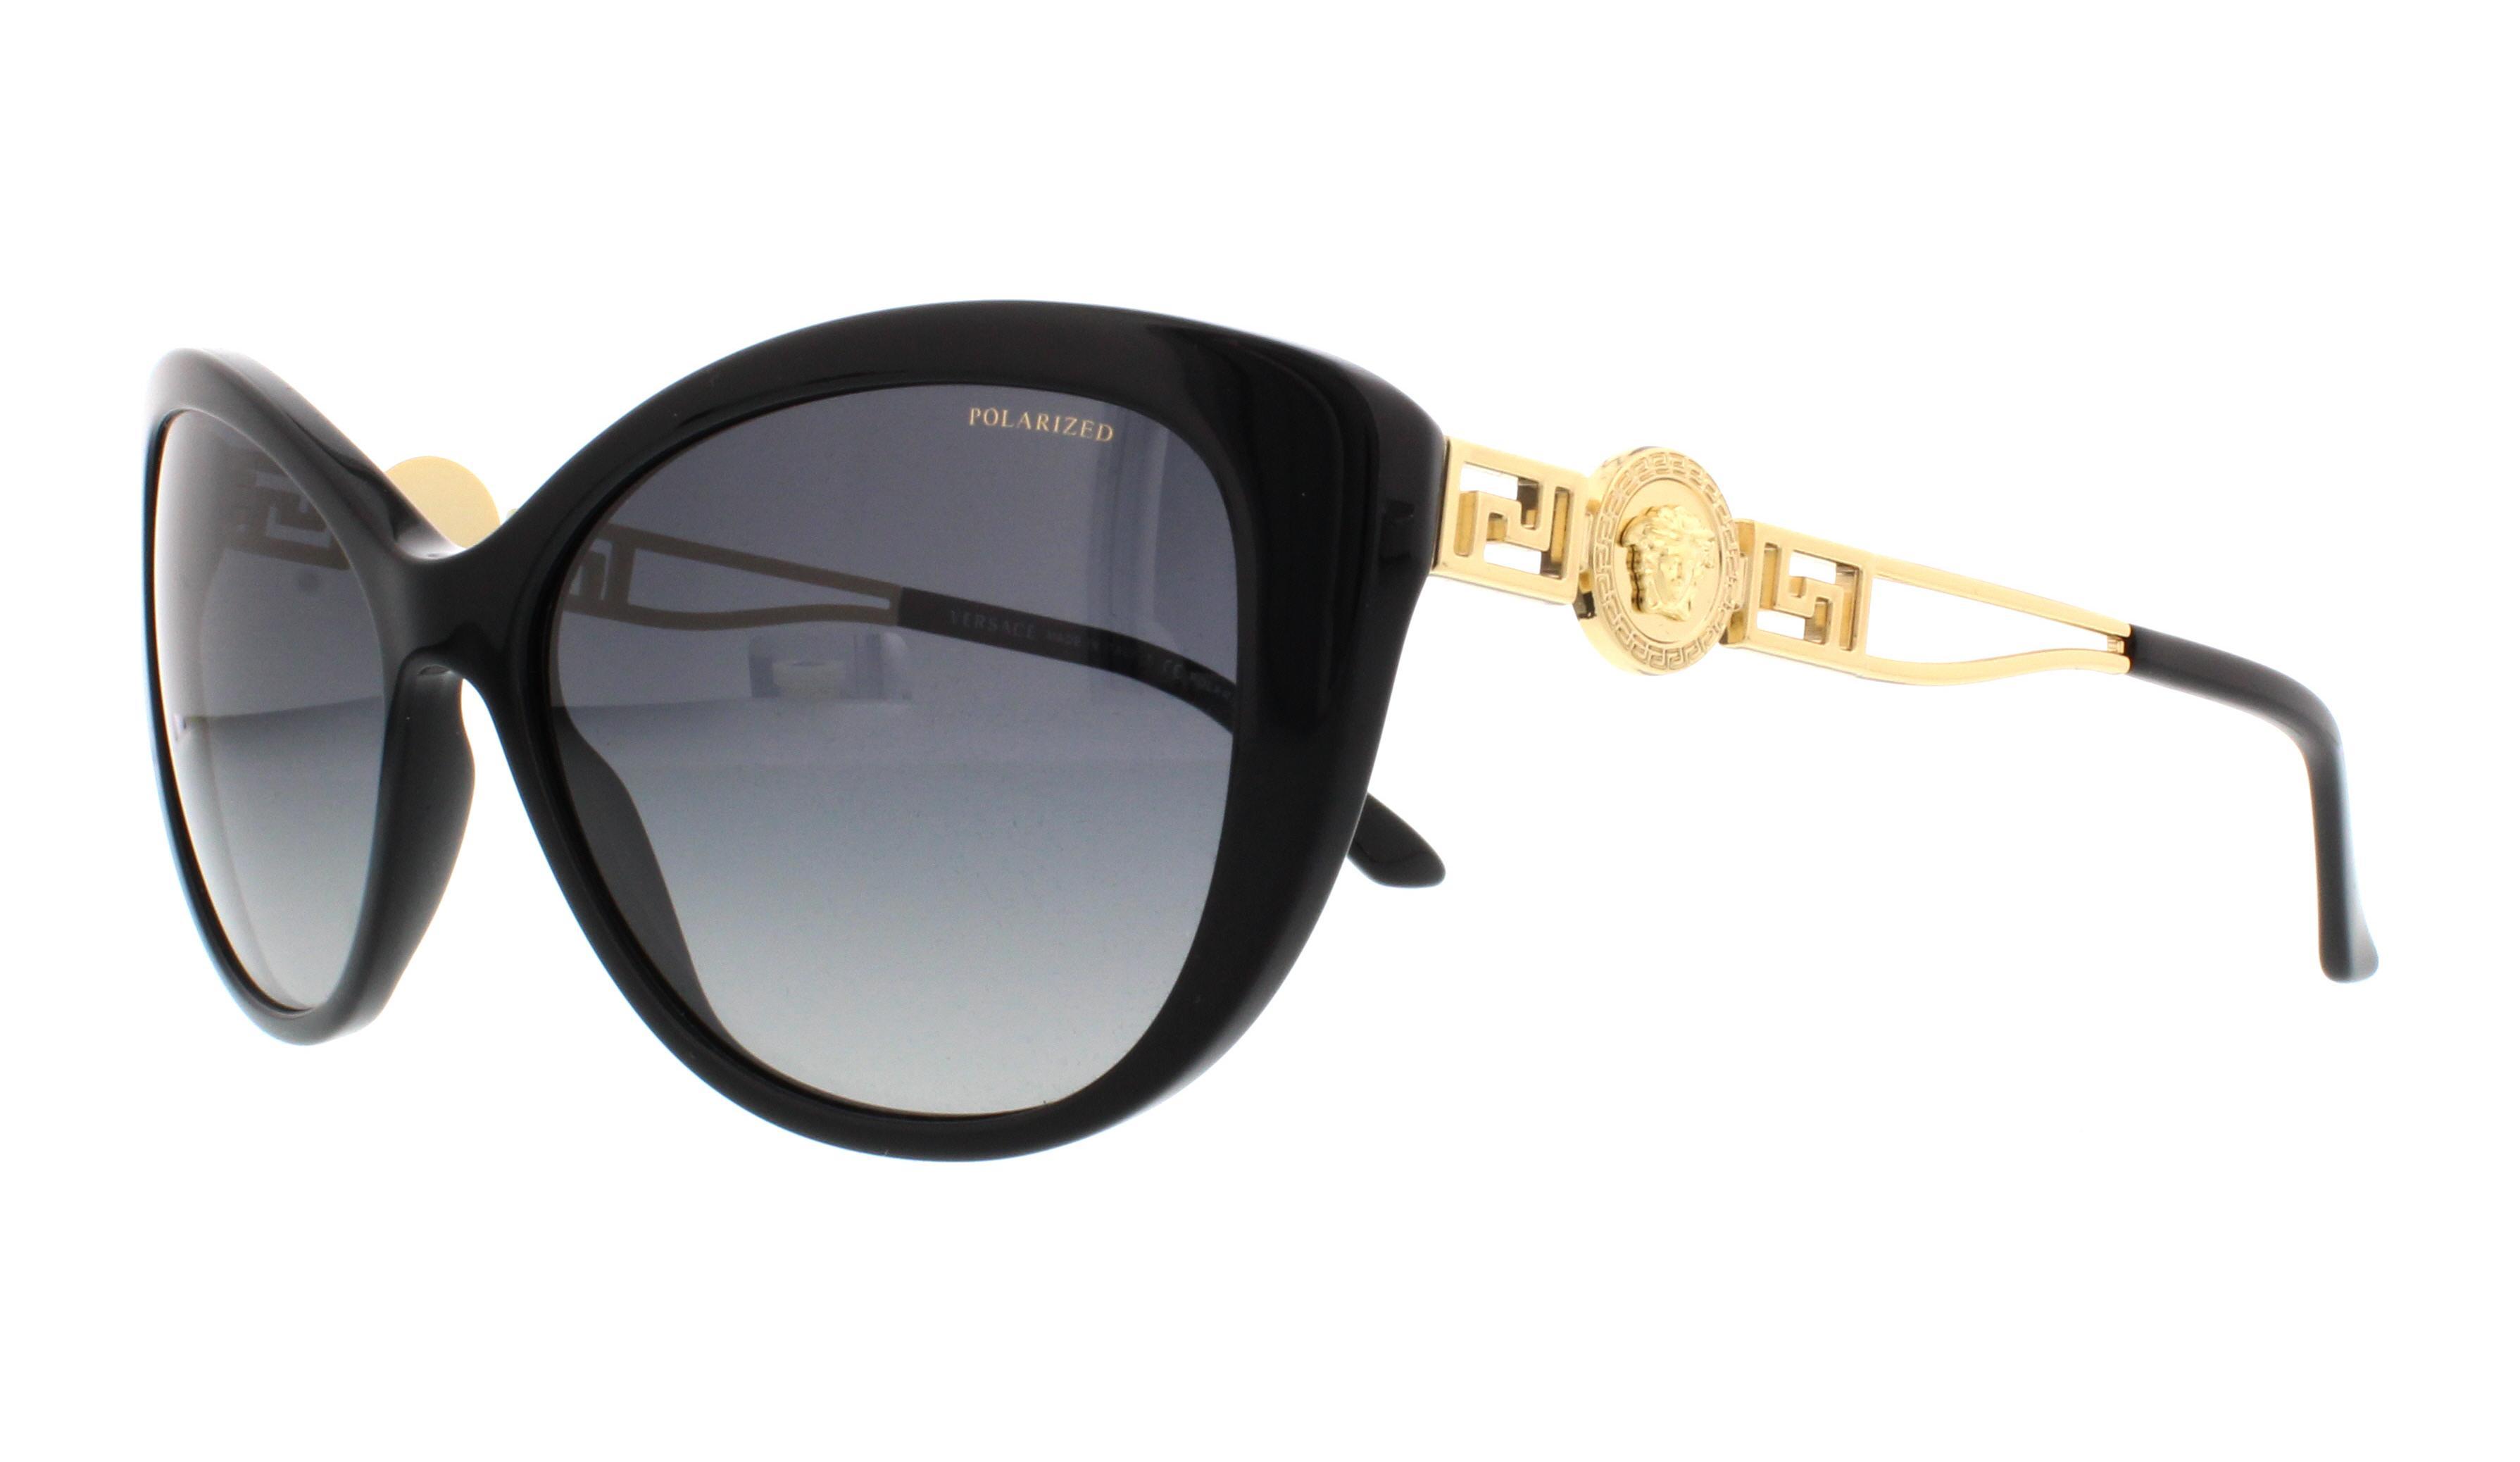 Negro Ve4295 Versace Gb1t3 sol 57mm Gafas de wt0qxEgyXZ